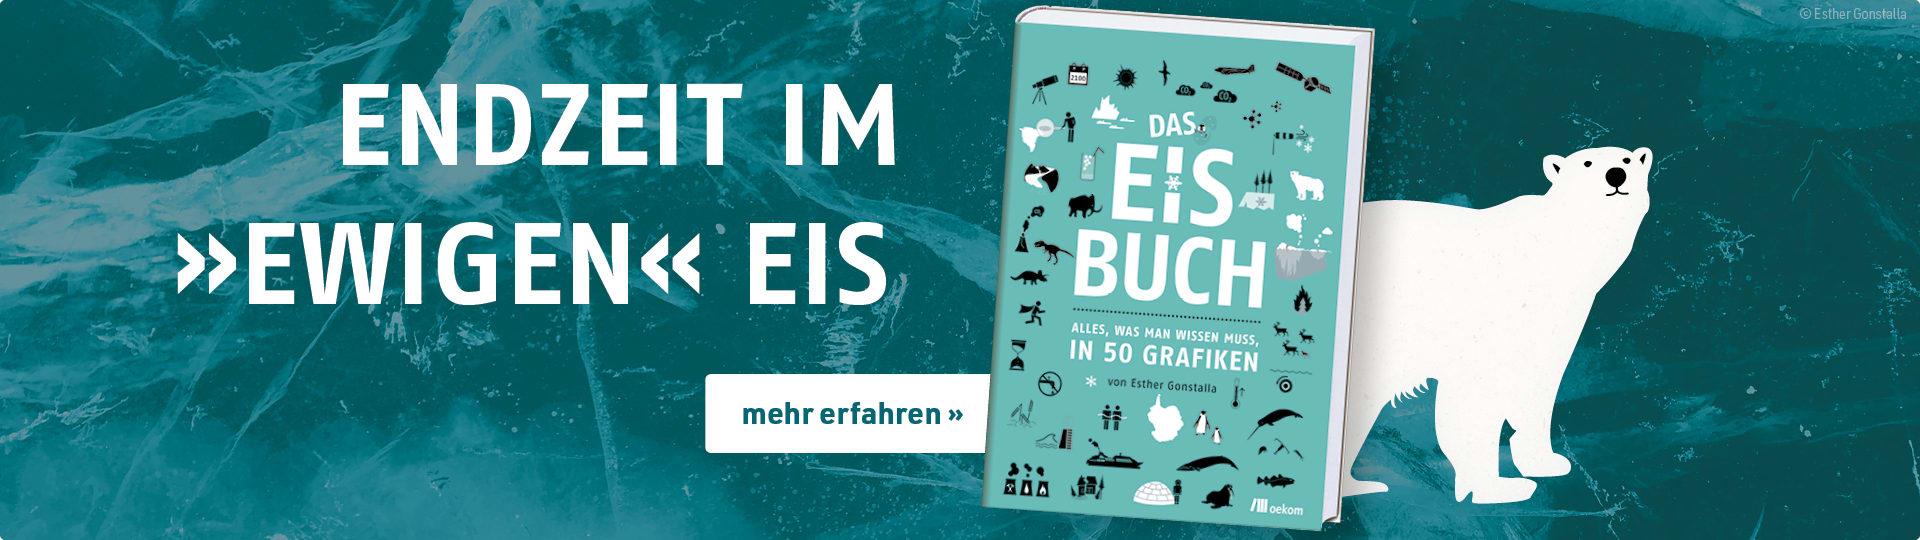 Werbebanner zum Infografikband »Das Eisbuch« von Esther Gonstalla